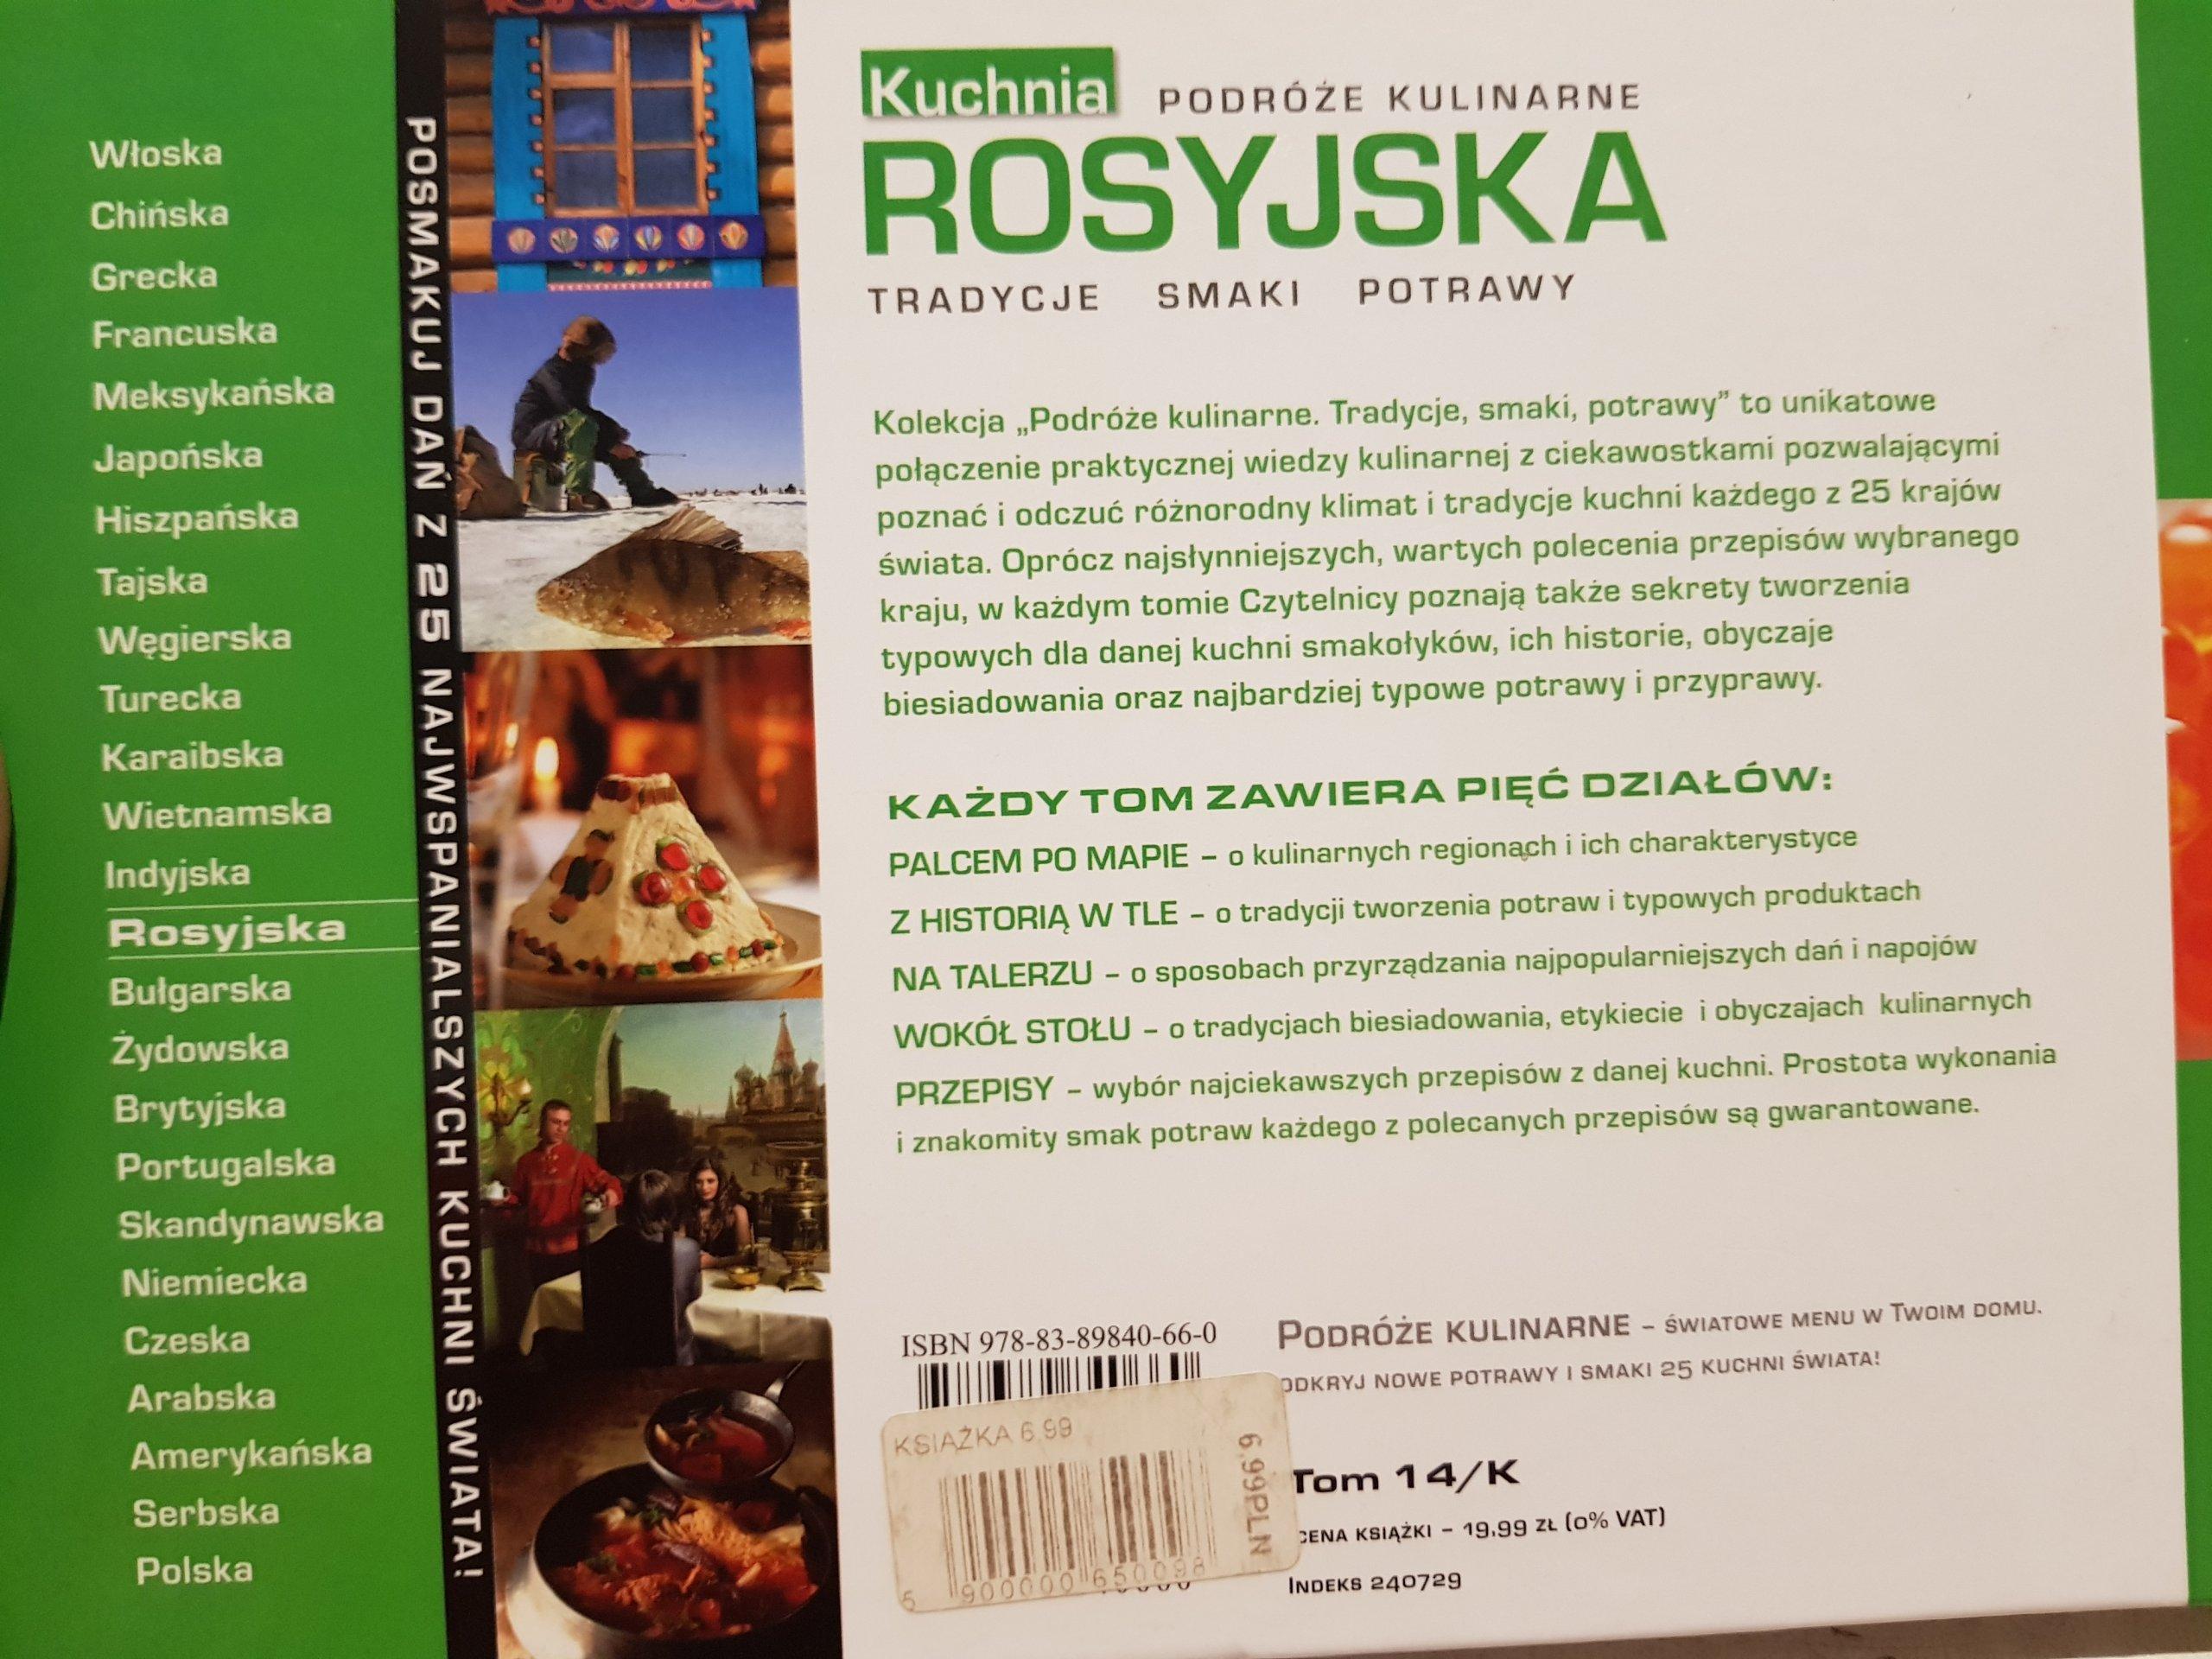 Kuchnia Rosyjska Podróże Kulinarne Kwapisz